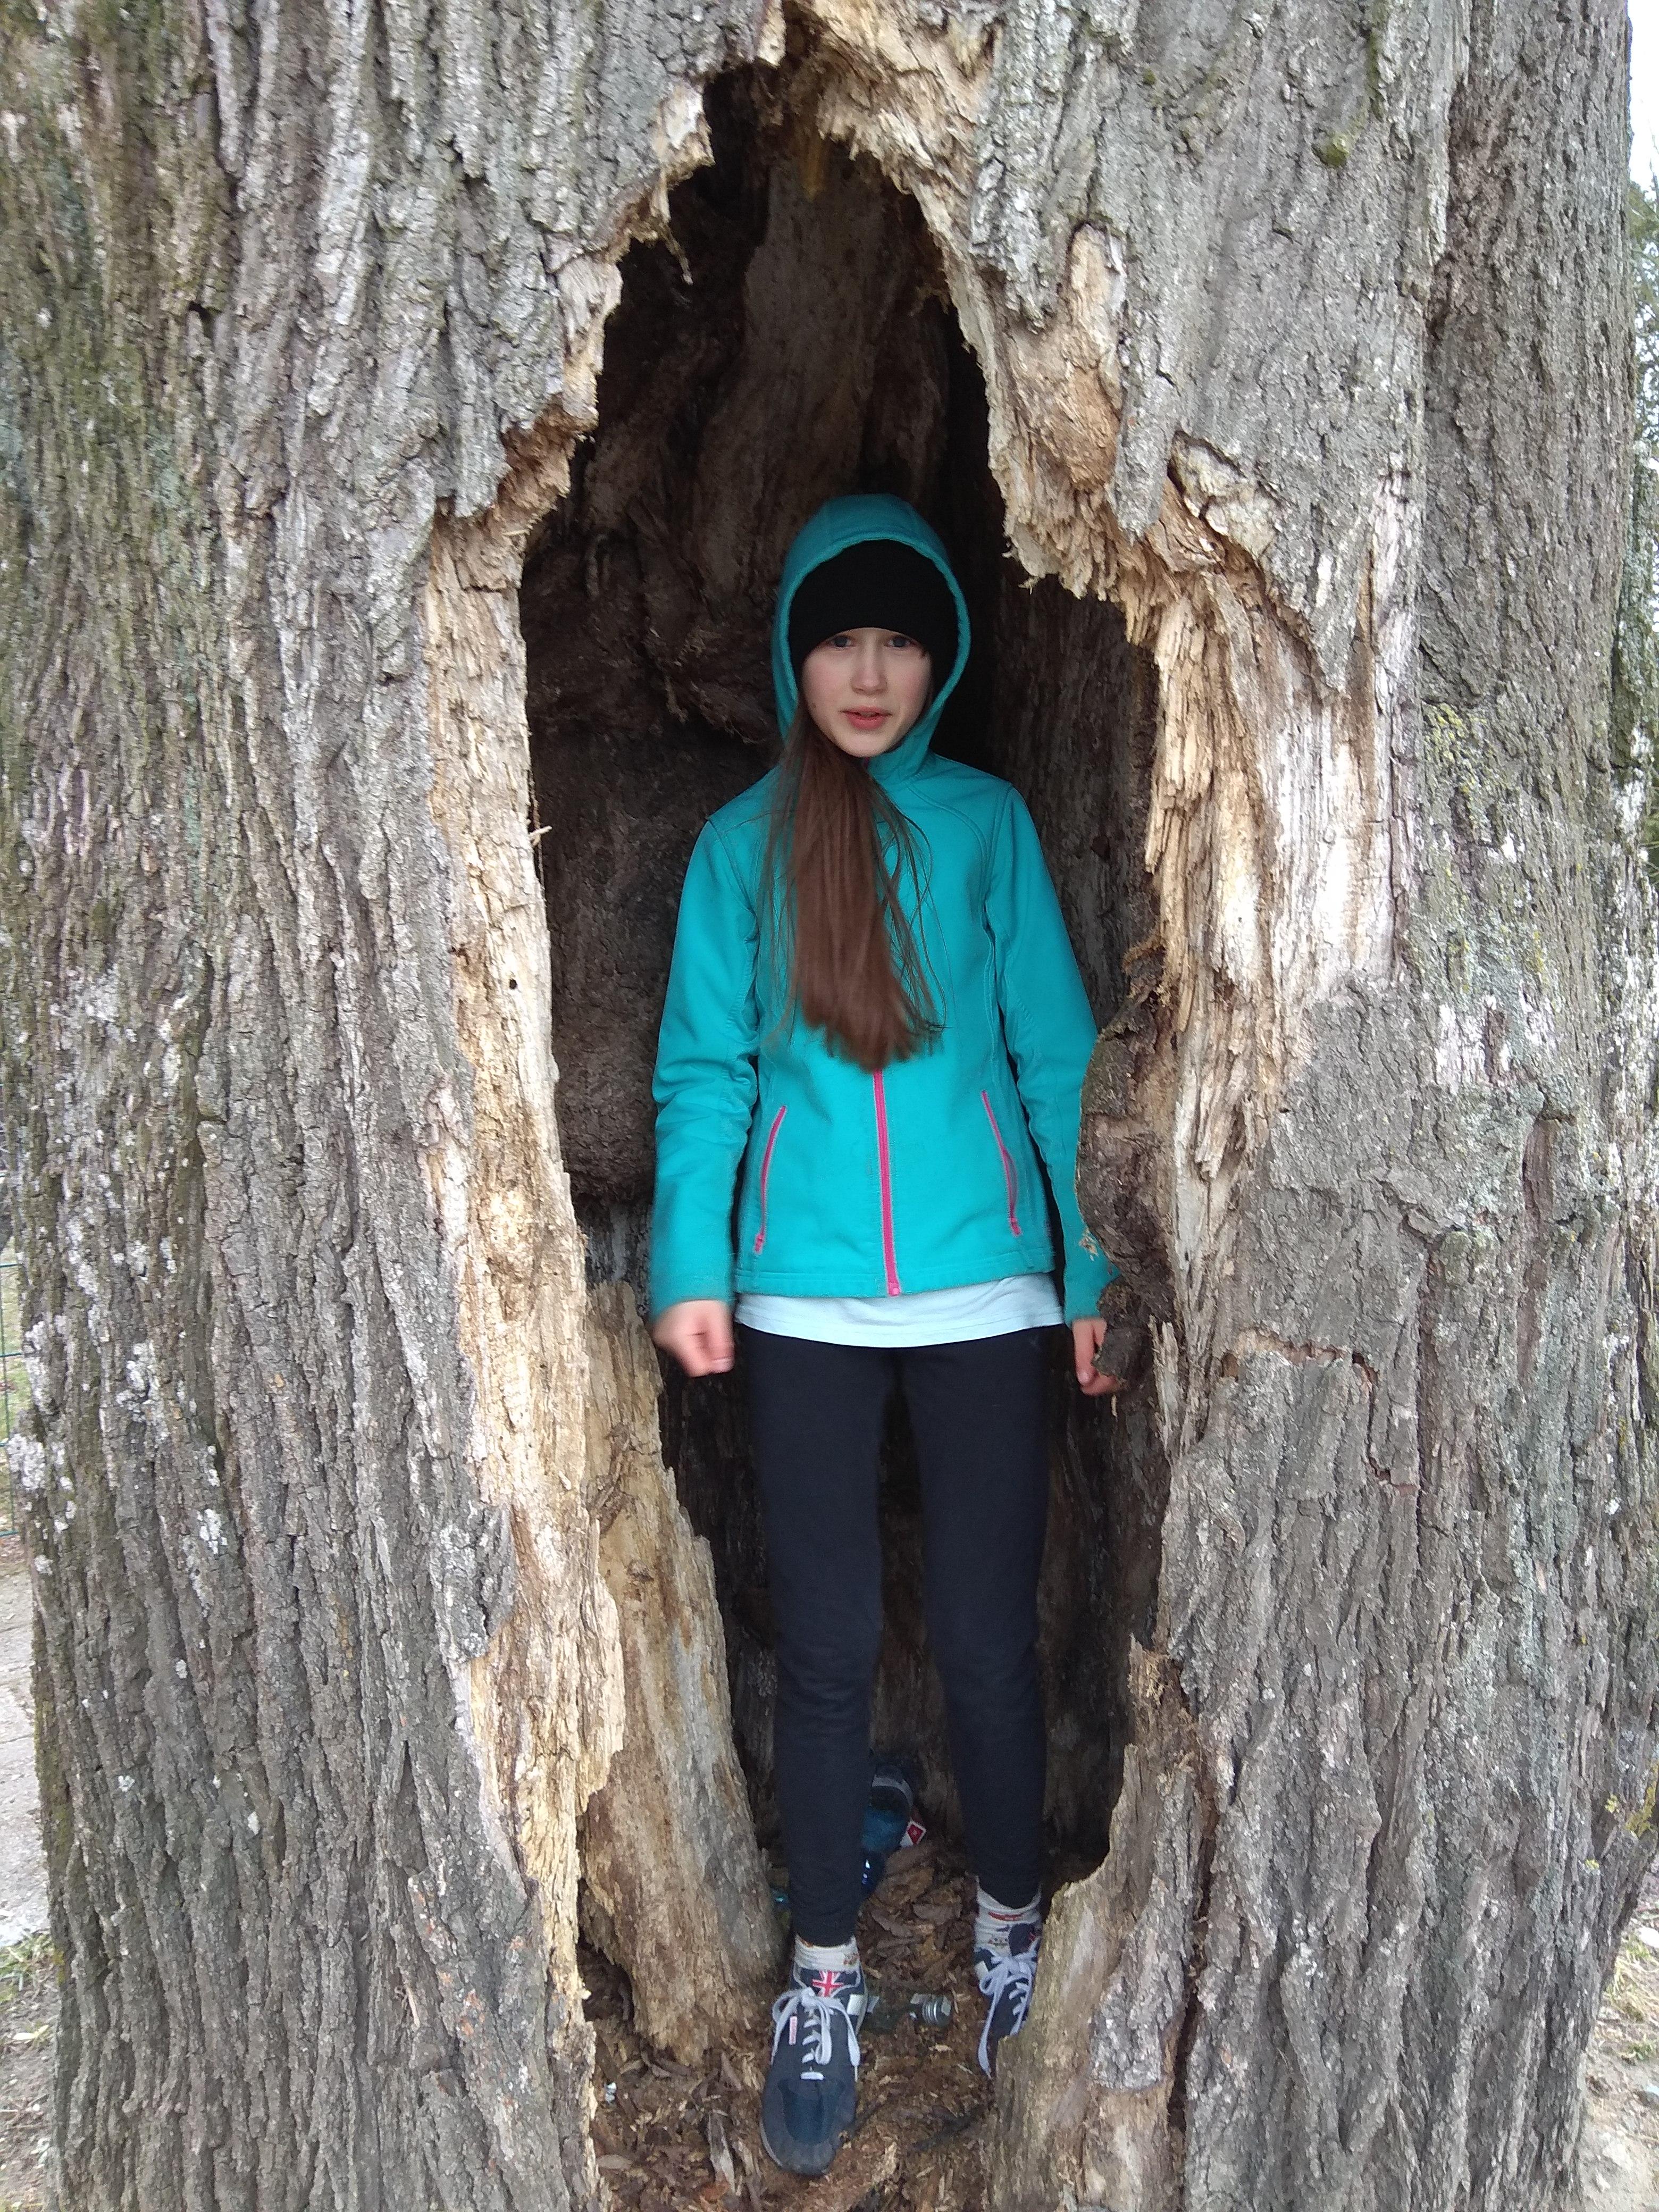 Pień drzewa z dziuplą, w której stoi dziewczynka z długimi, brązowymi włosami,  ubrana  w niebieską bluzę z kapturem nałożonym na głowę.